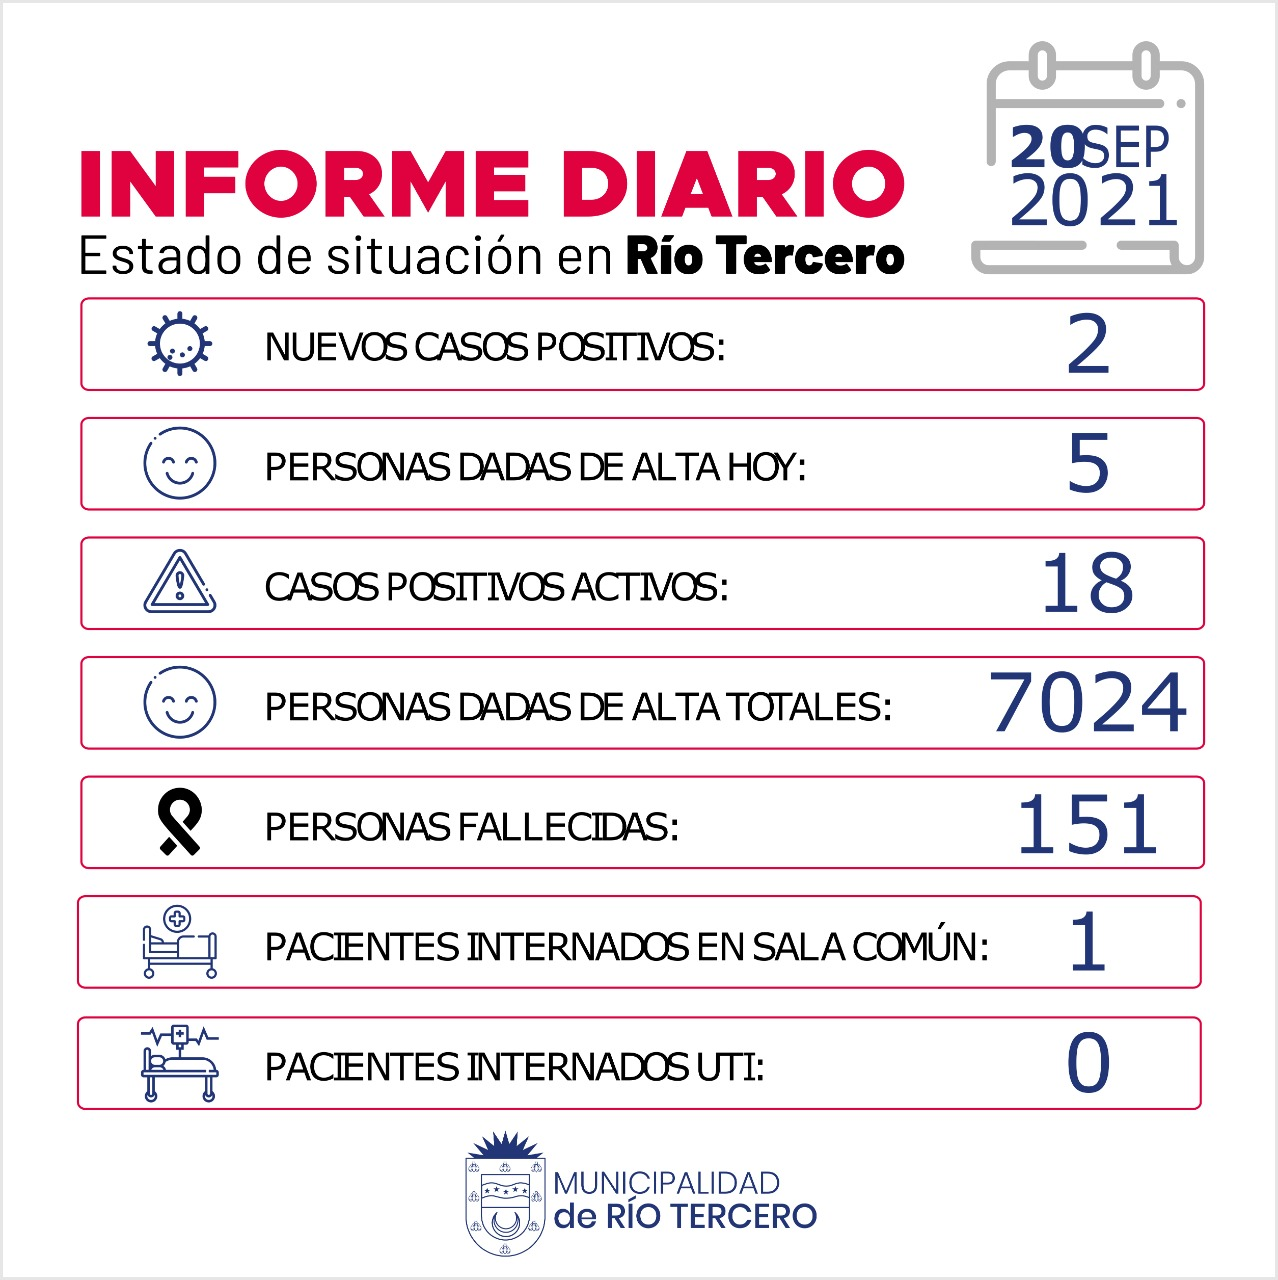 RÍO TERCERO TIENE 18 CASOS ACTIVOS: HOY SE REGISTRARON 2 NUEVOS CASOS